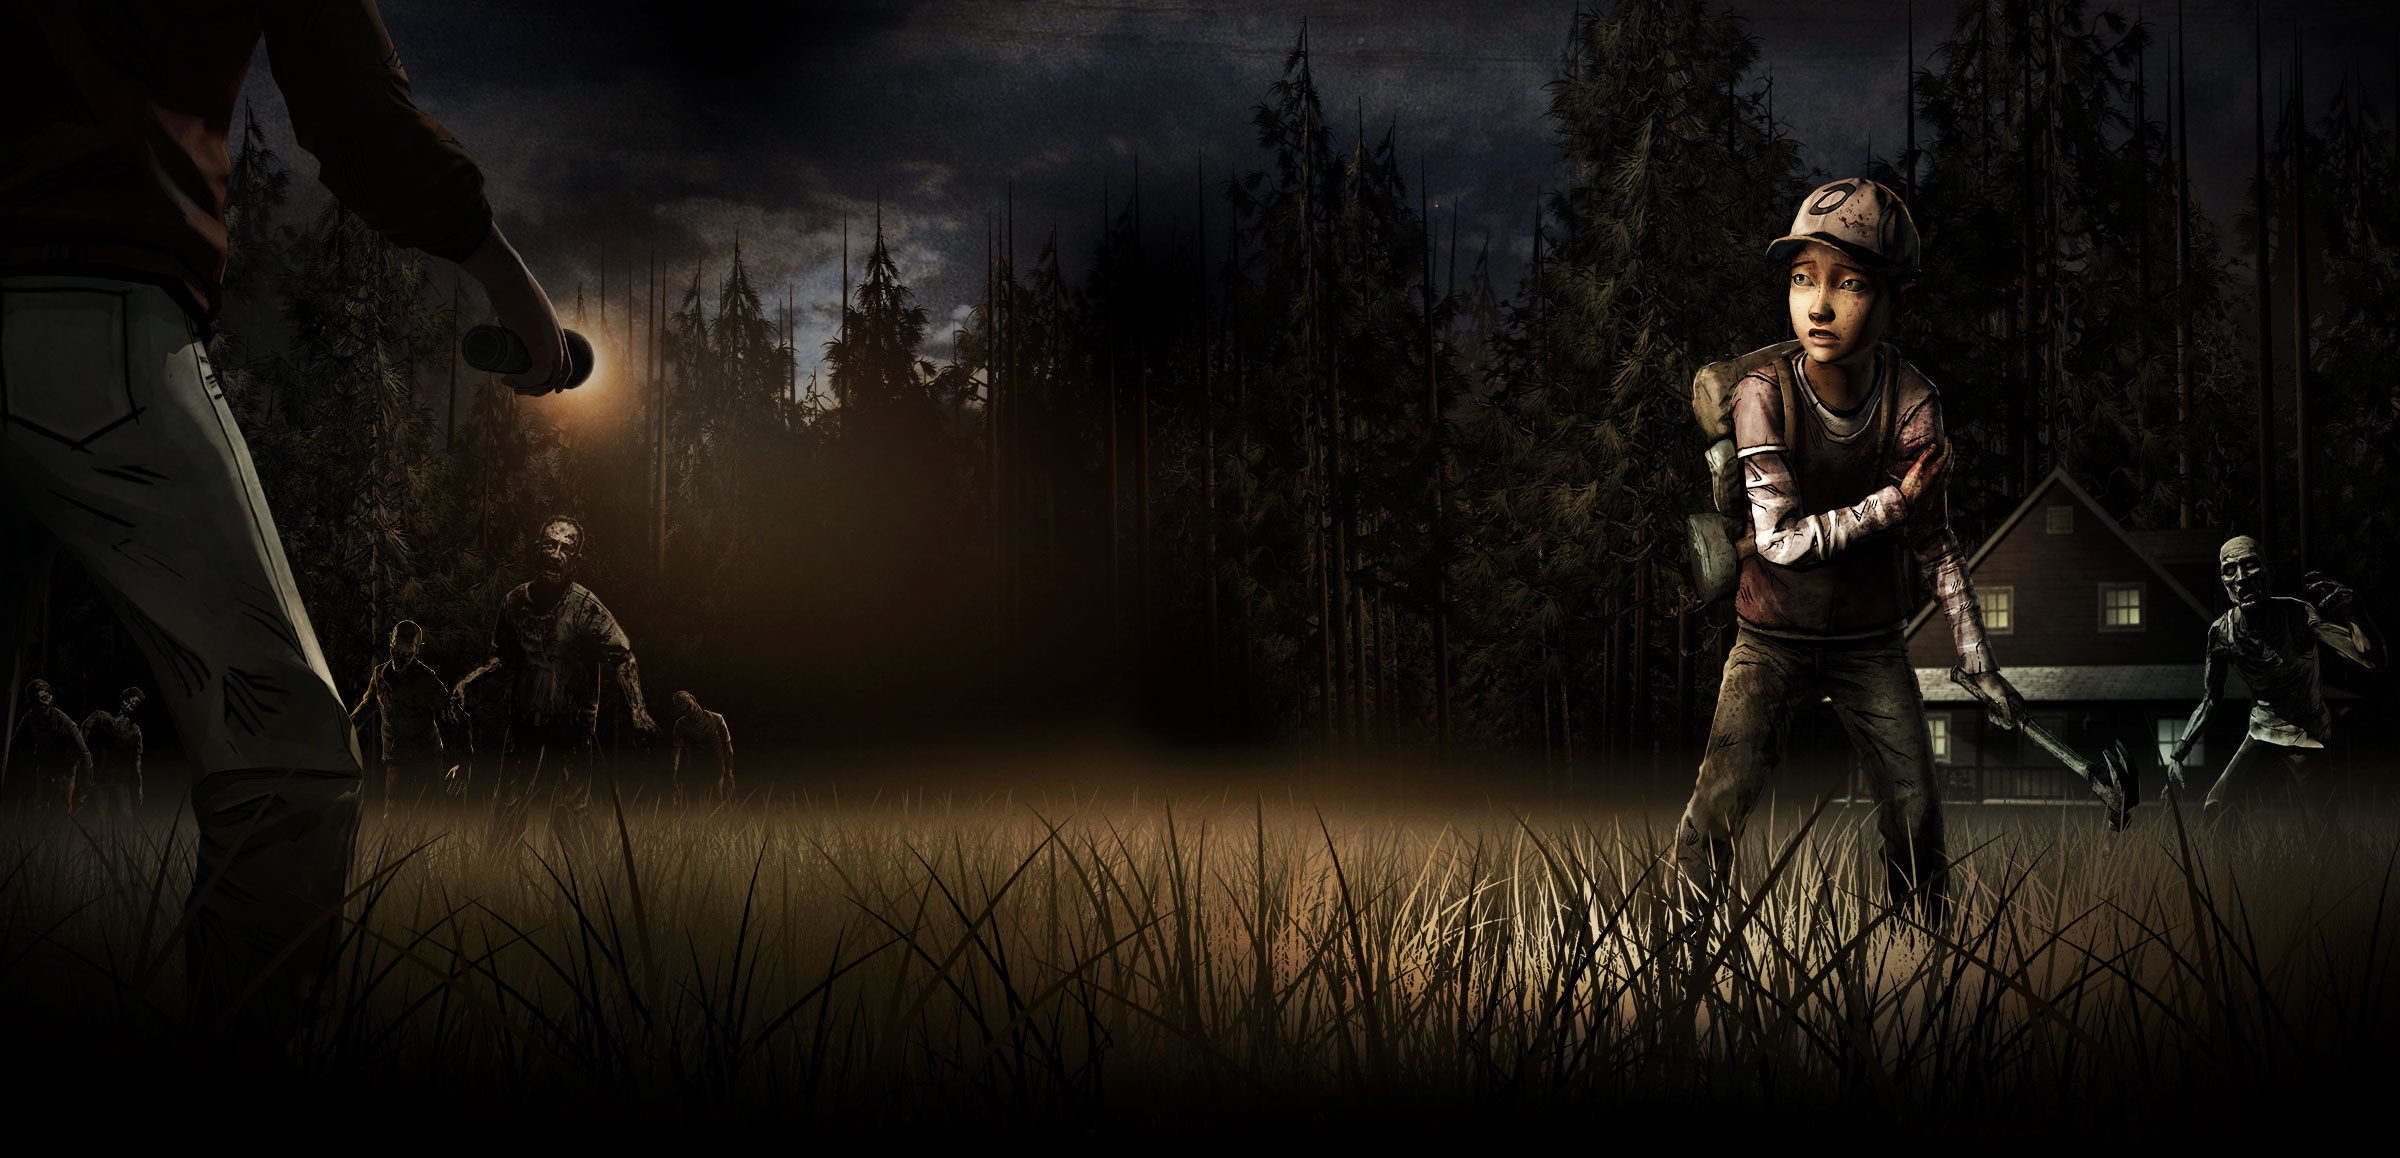 The Walking Dead Season 6 Wallpapers | digitalhint.net